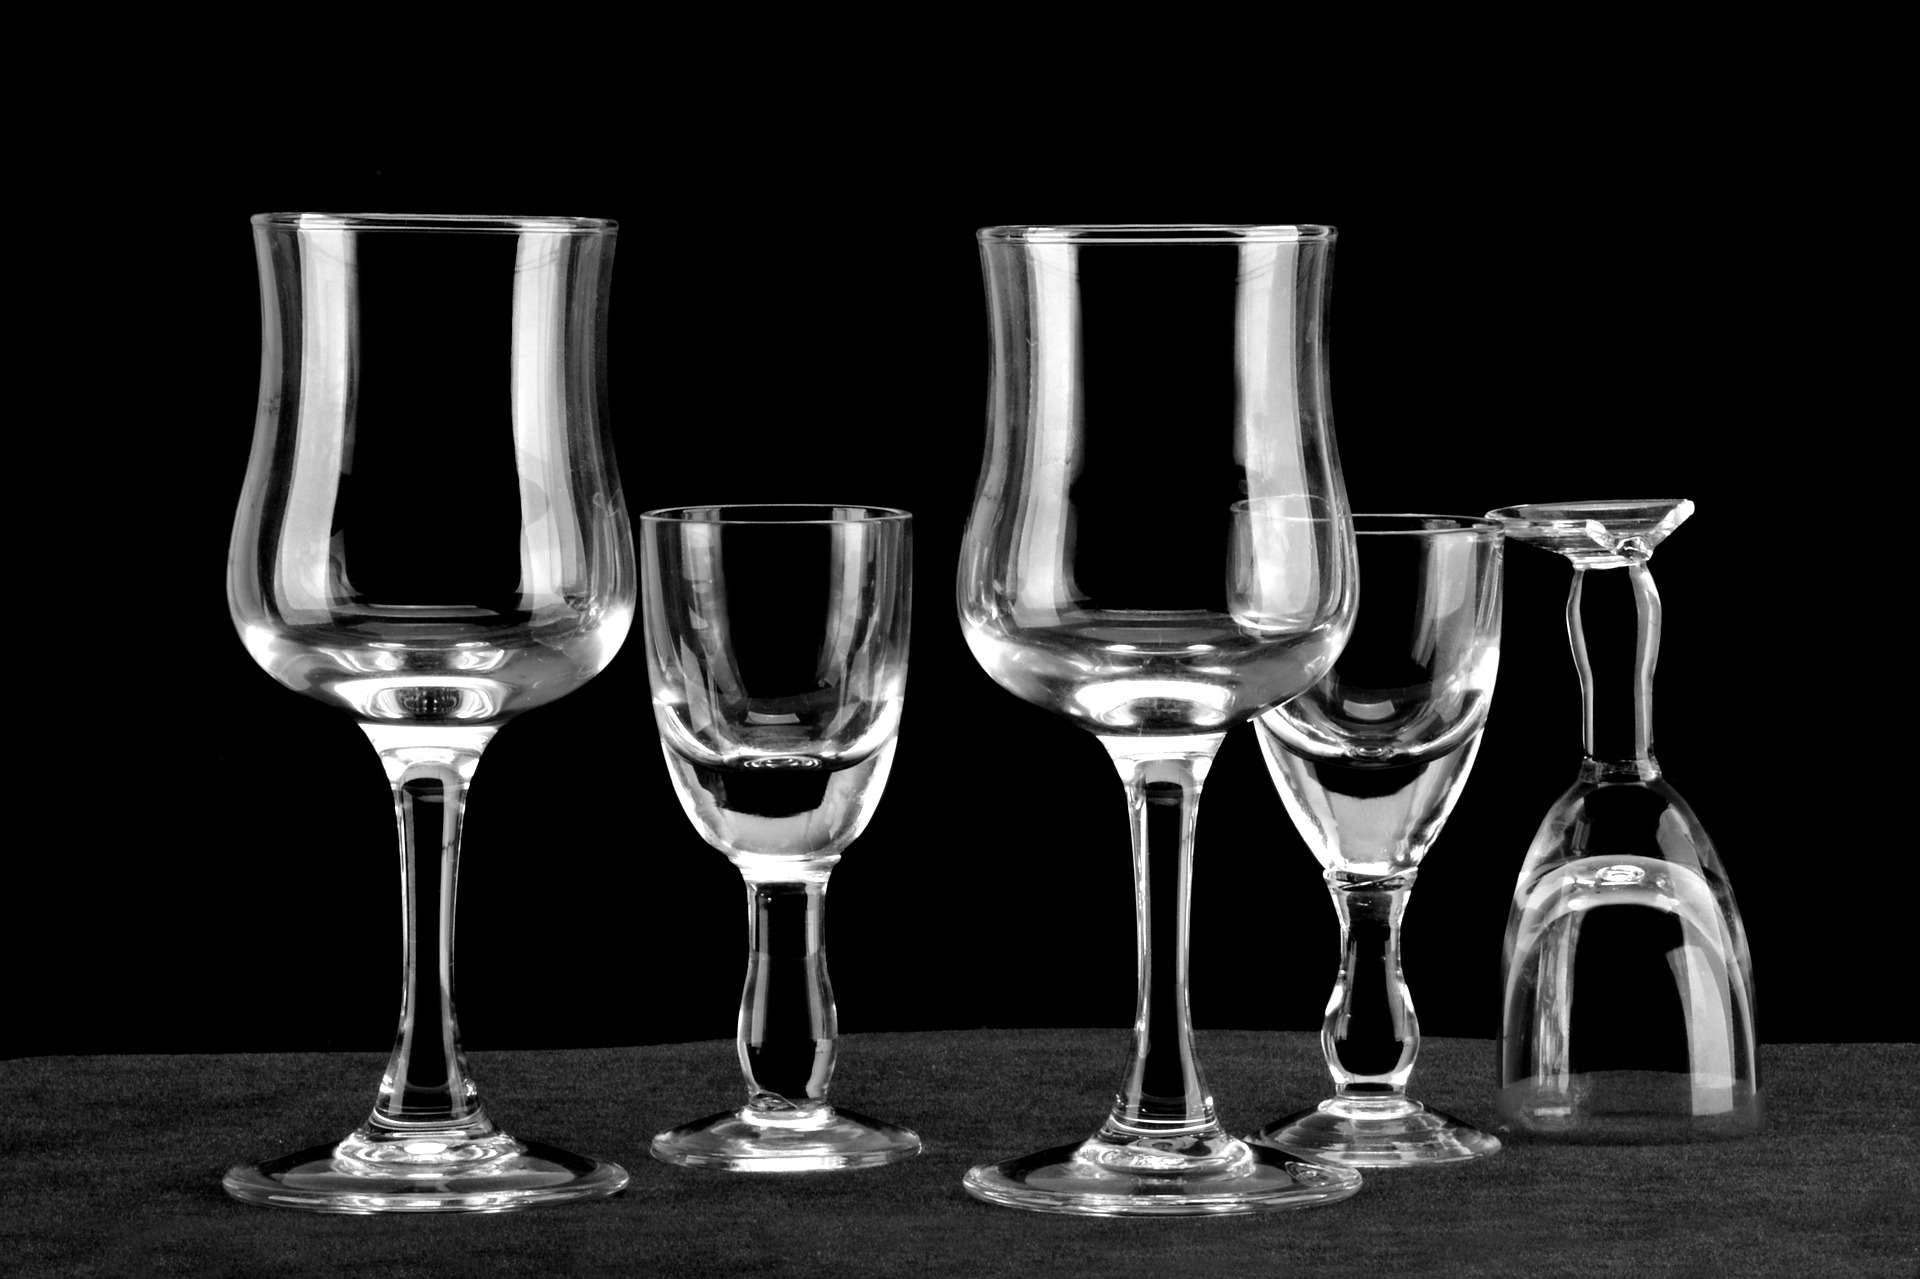 glass-1818417_1920.jpg